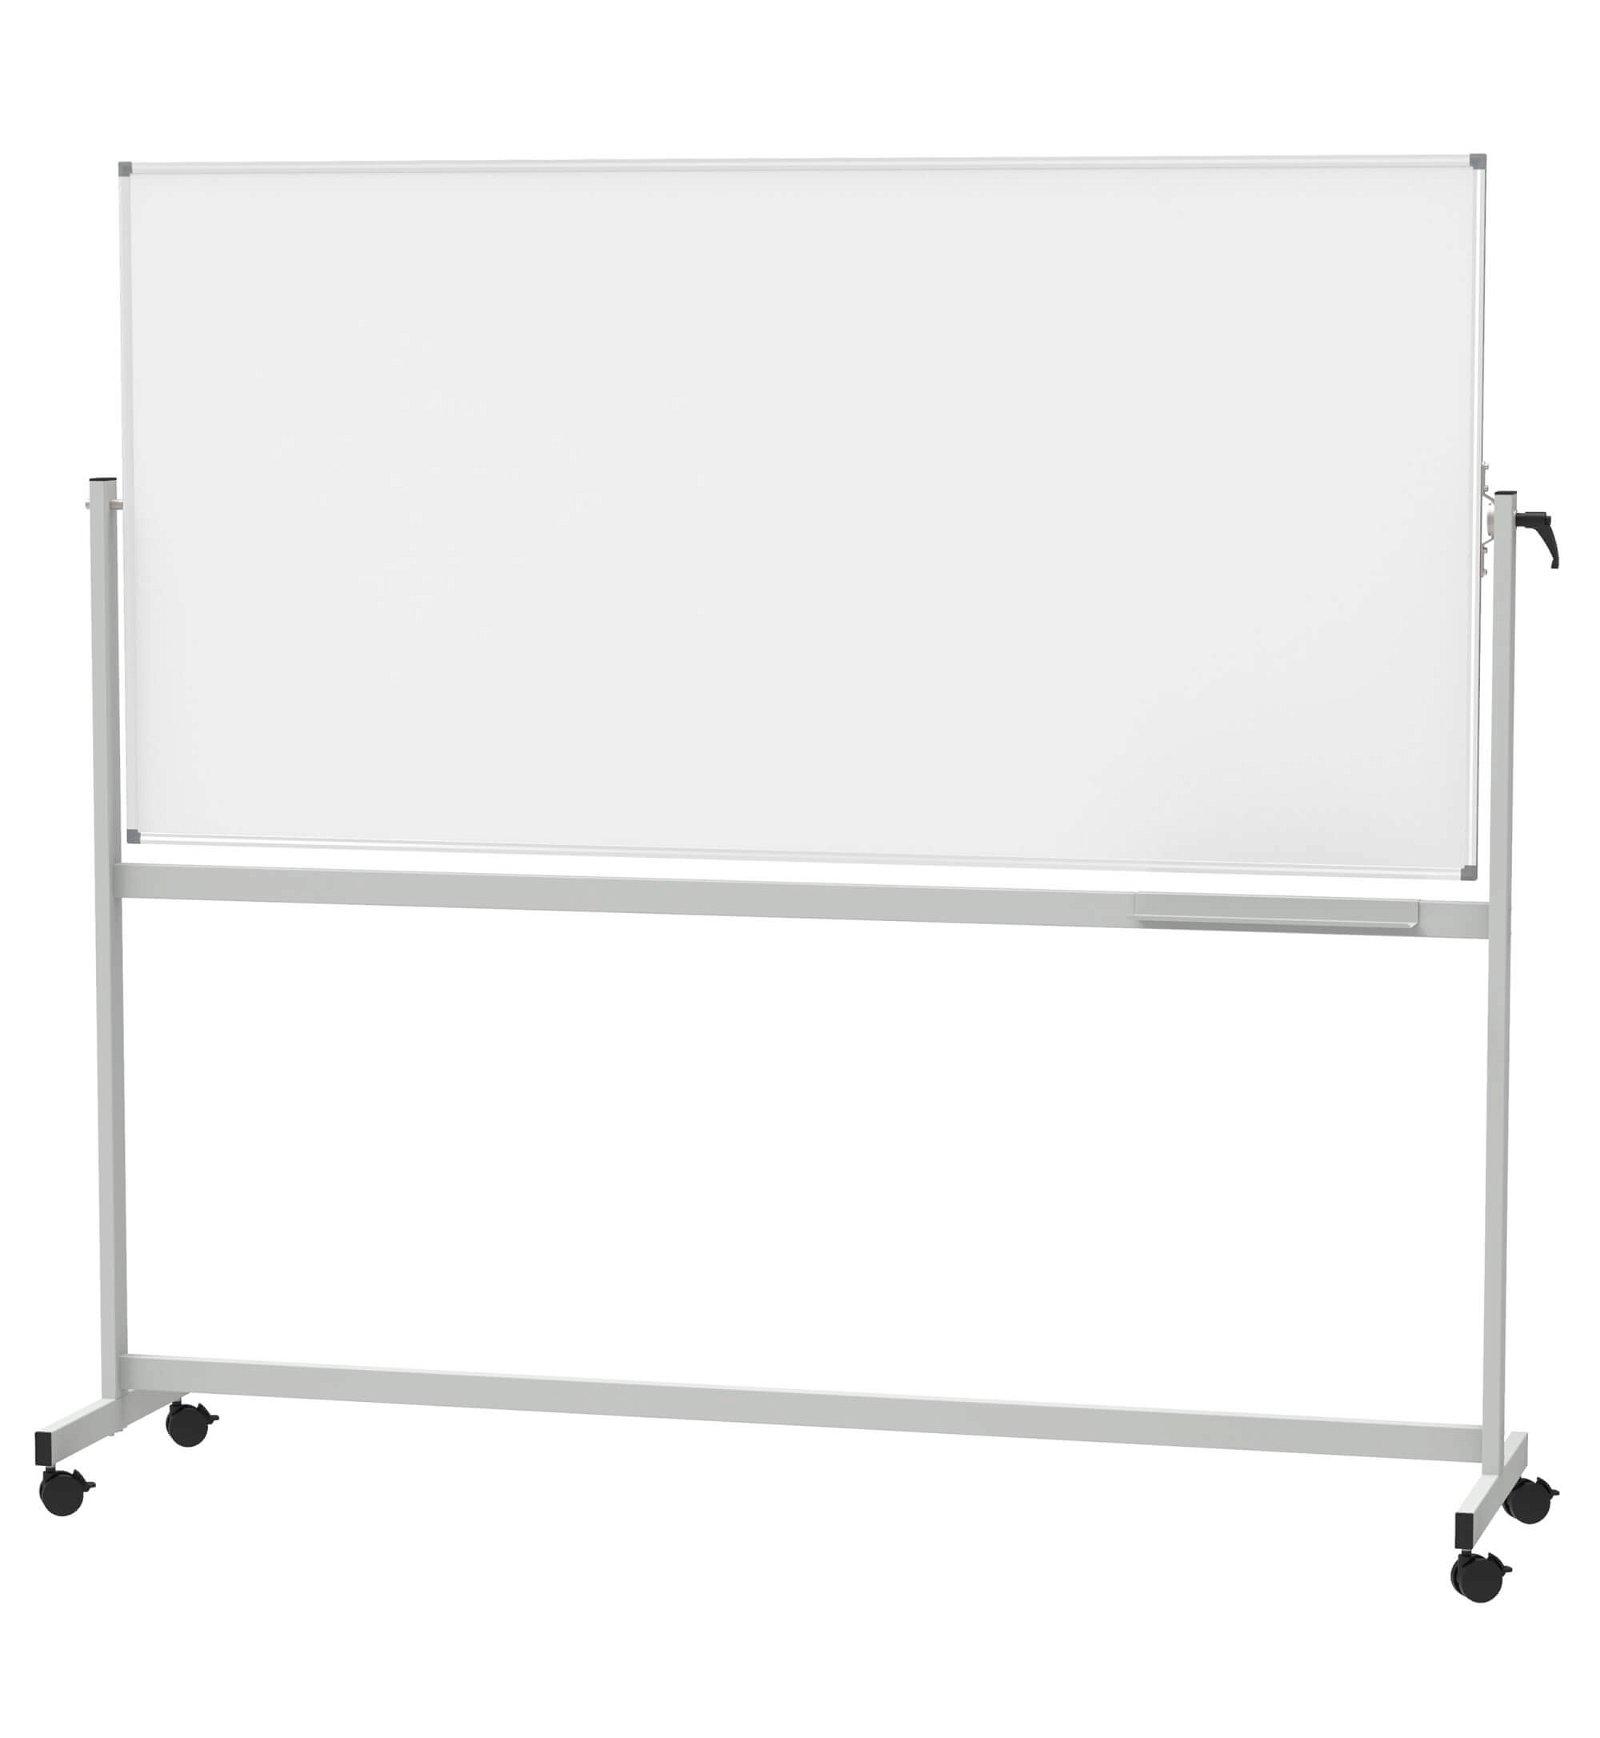 Mobiles Whiteboard, MAUL- standard, drehbar, 100x200 cm, grau